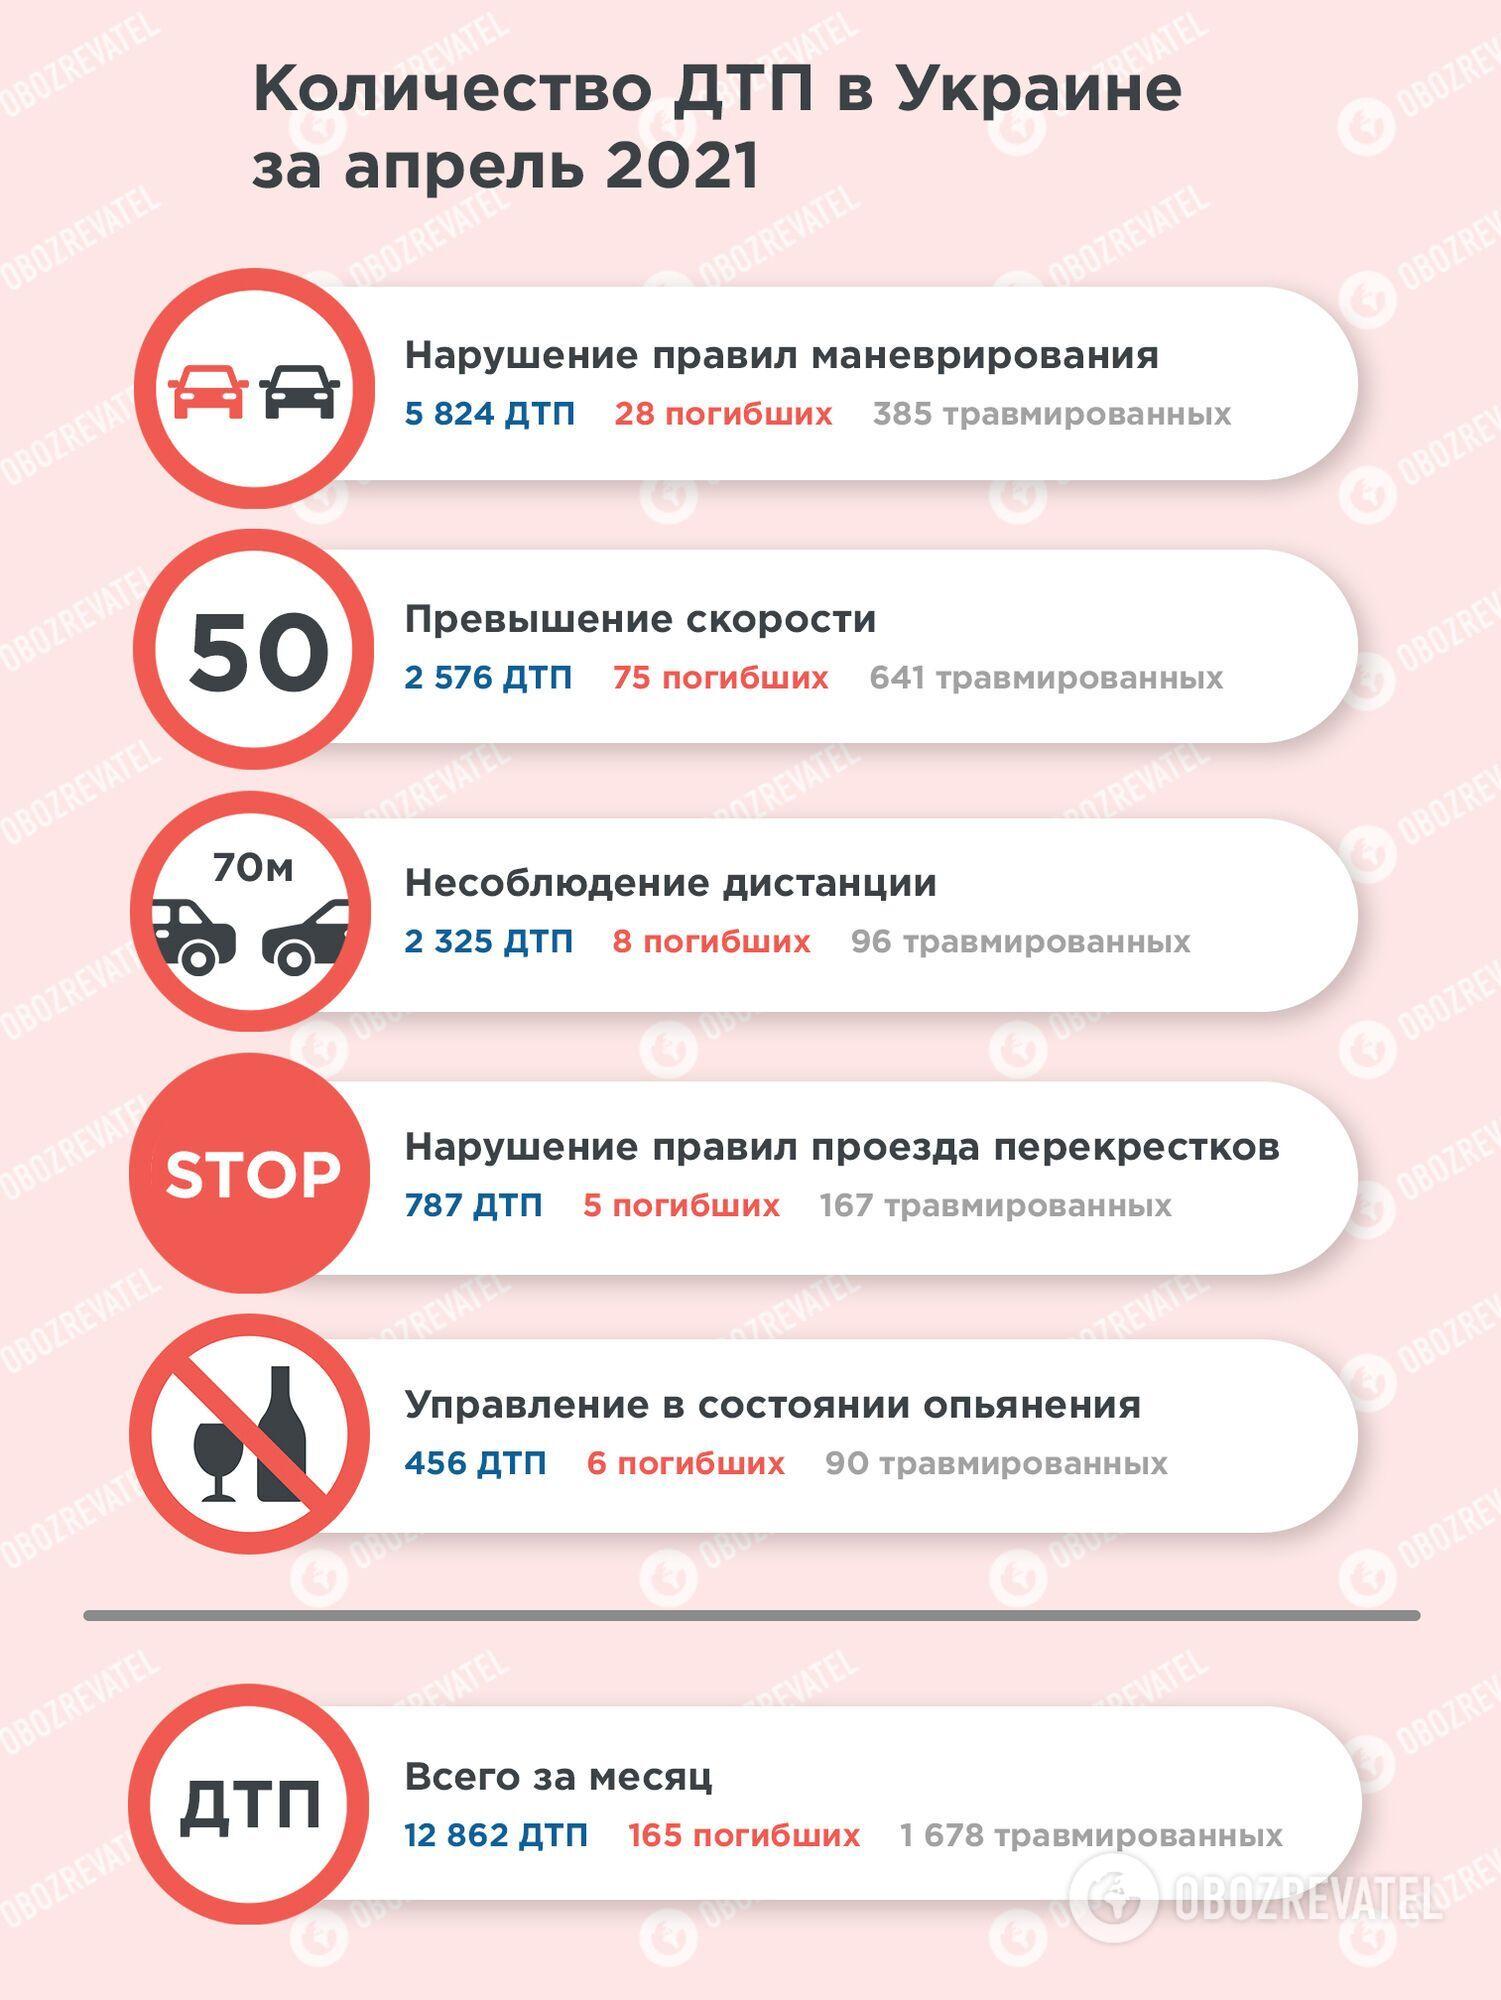 В Украине резко выросло количество ДТП, в том числе с пьяными водителями. Статистика